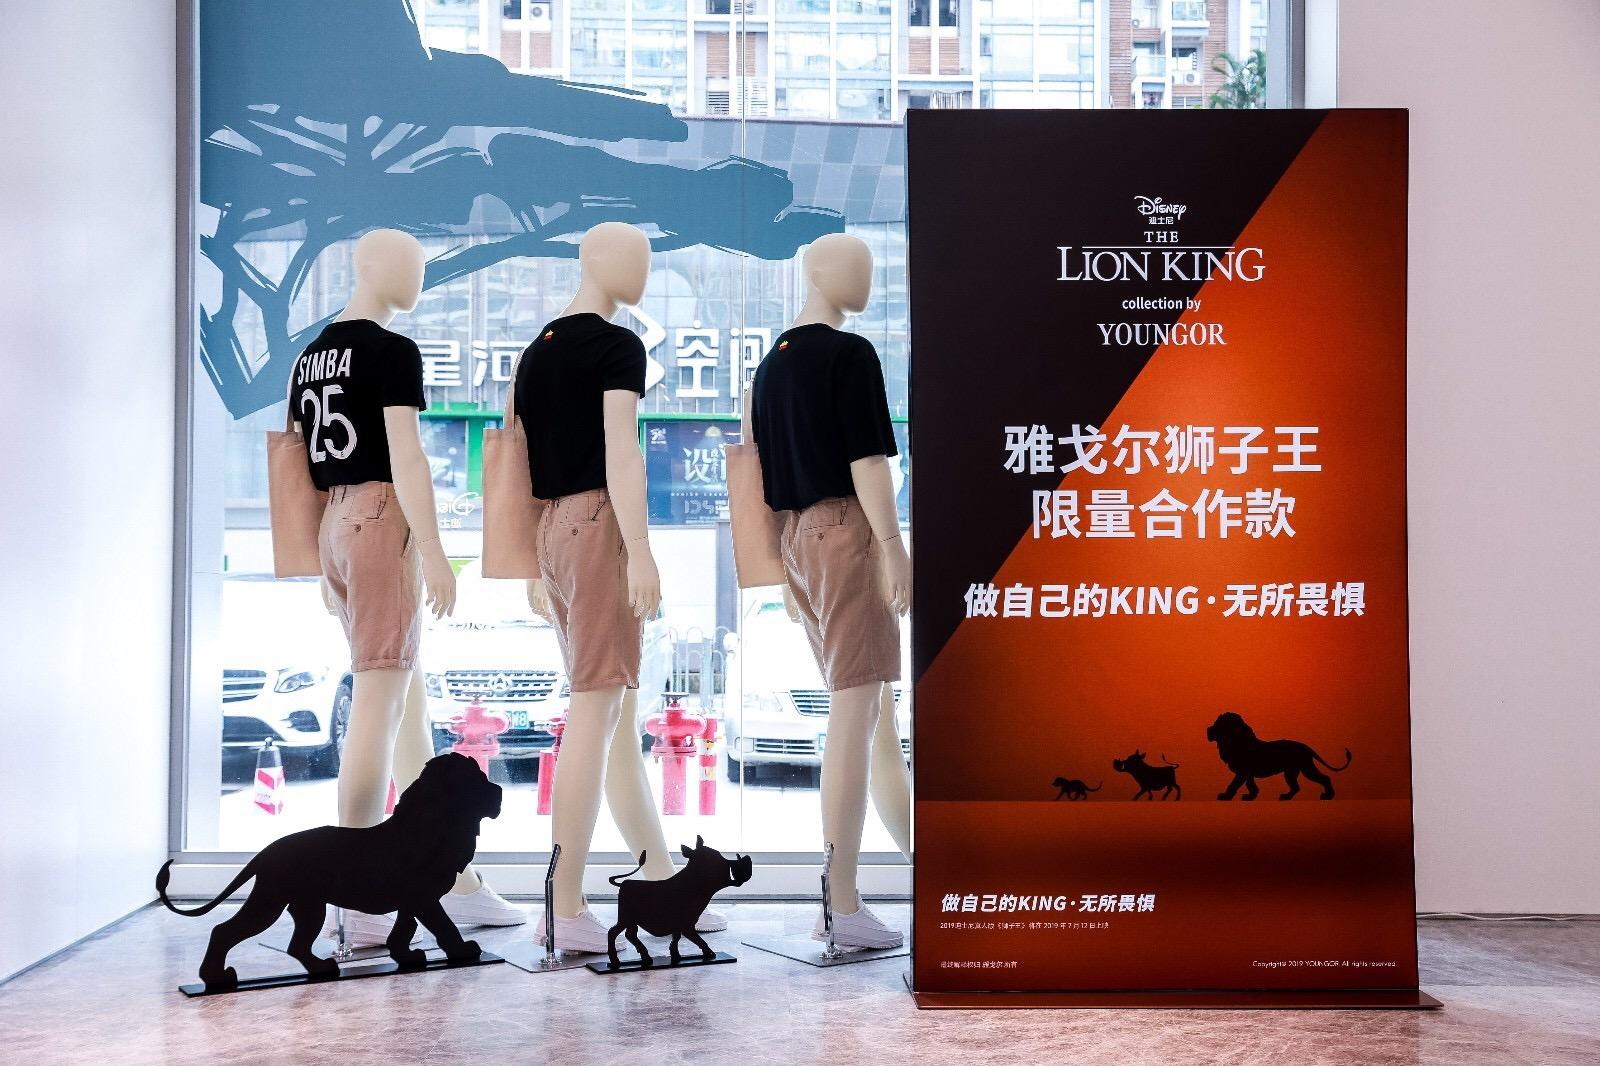 雅戈尔携手迪斯尼,会员欢聚影院重温《狮子王》全球首映礼